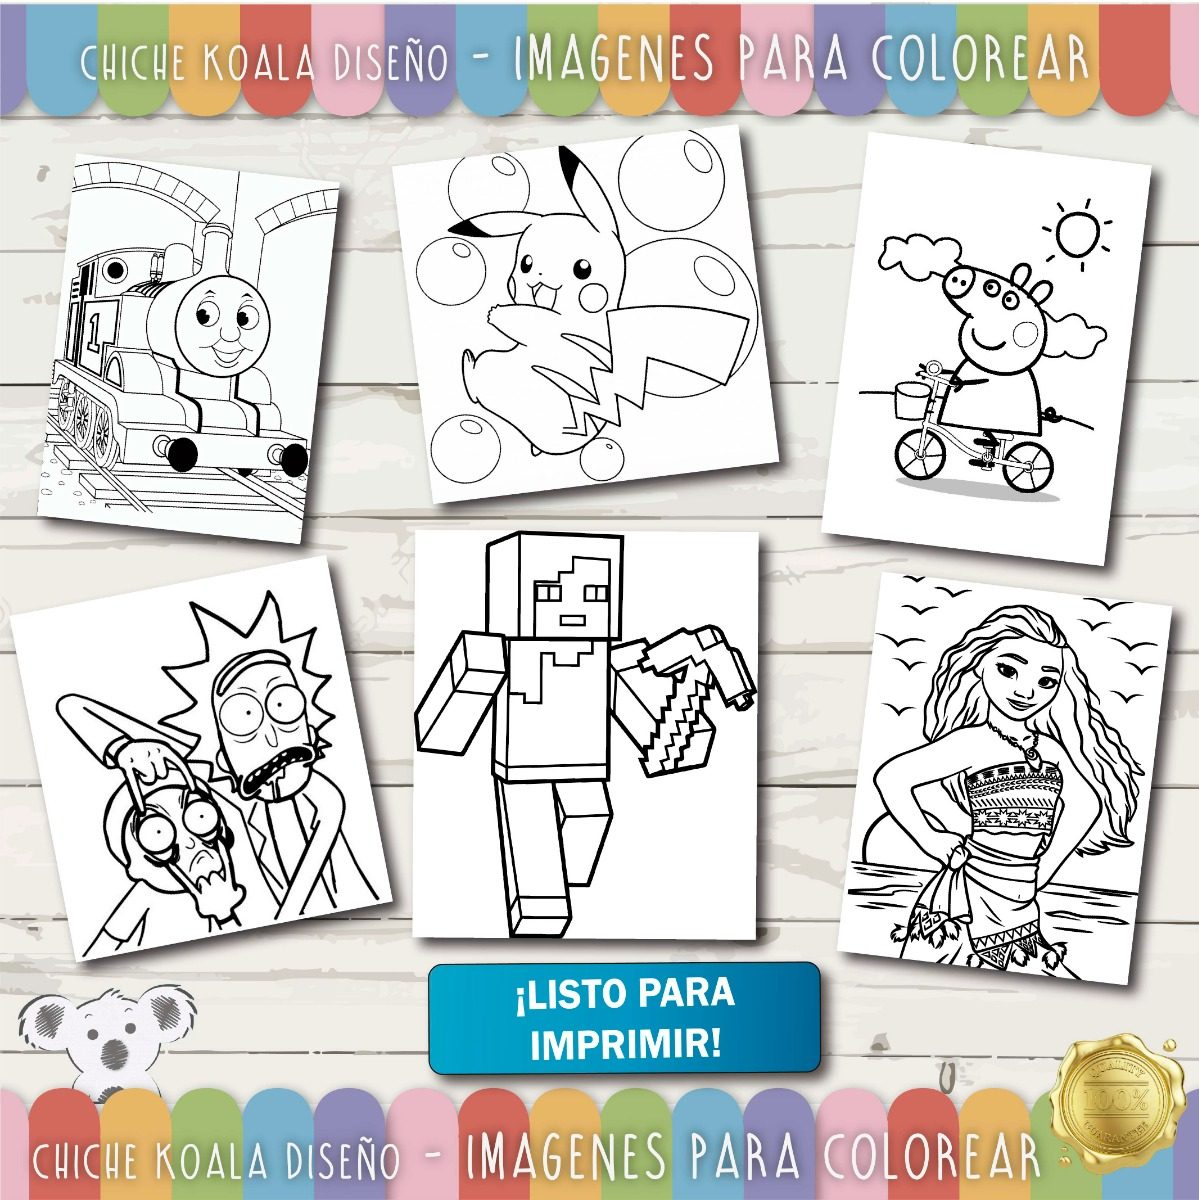 Dibujos Para Colorear De La Pelicula Zombies De Disney Channel Dibujos I Para Colorear